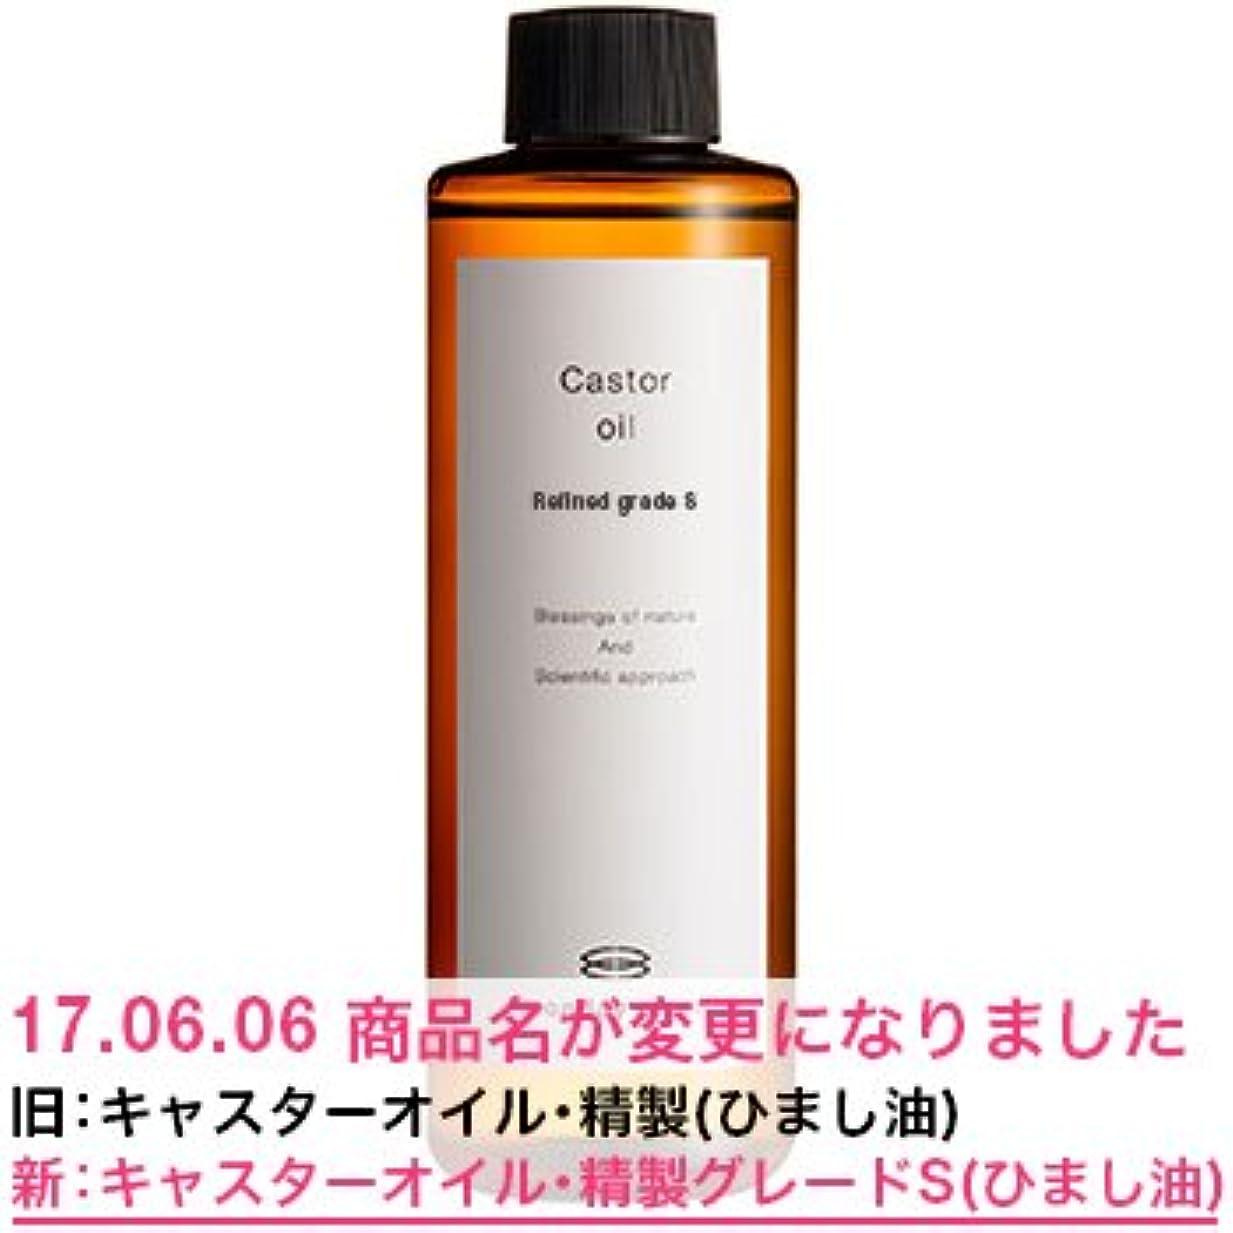 必要としている説得扇動するキャスターオイル?精製グレードS(ひまし油)/200ml